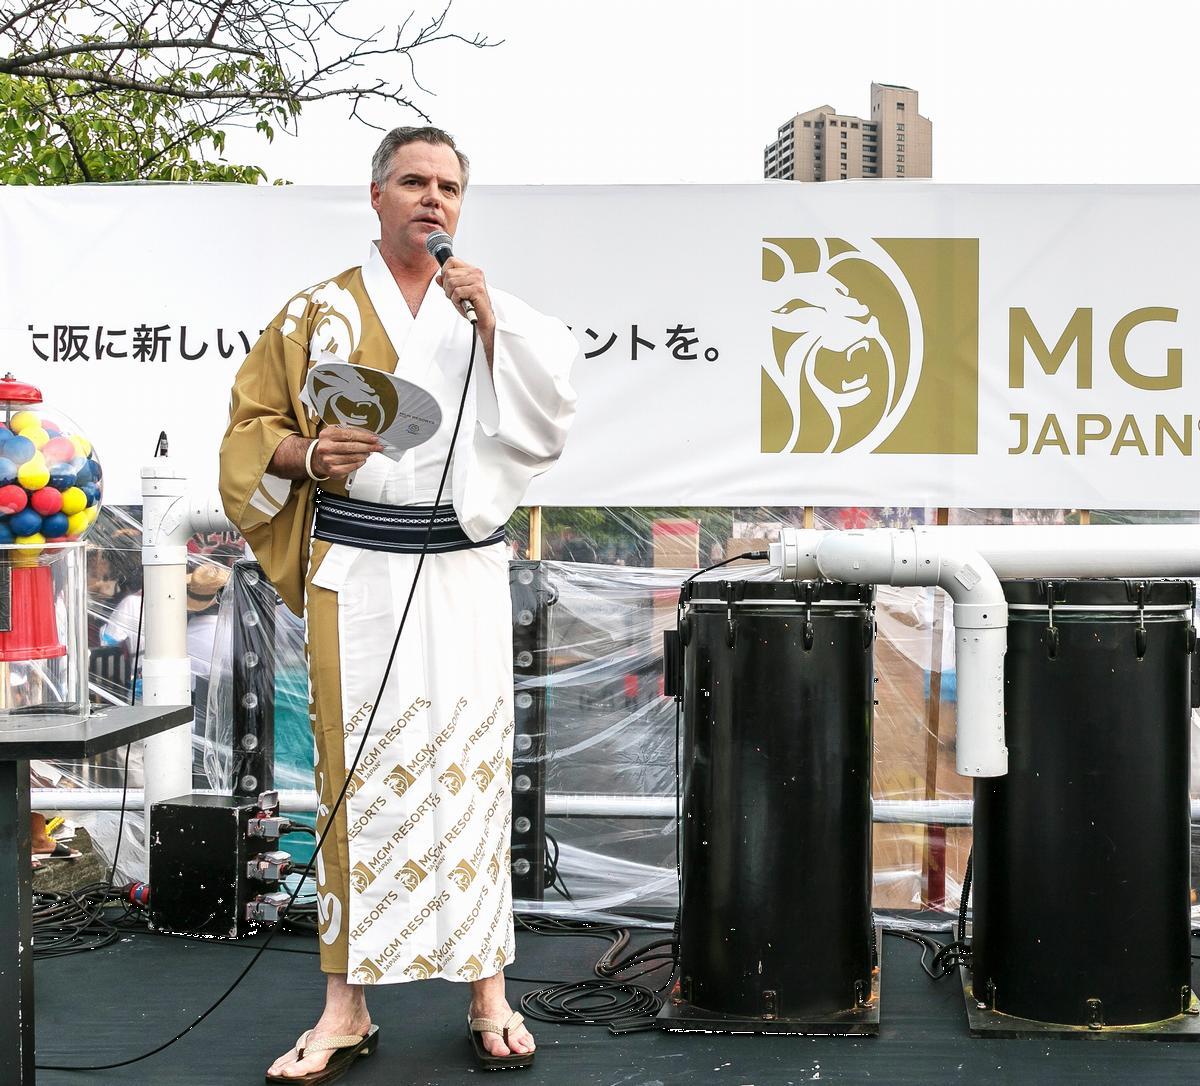 MGMリゾーツ、大阪IRの実現へのコミットメントを再確認